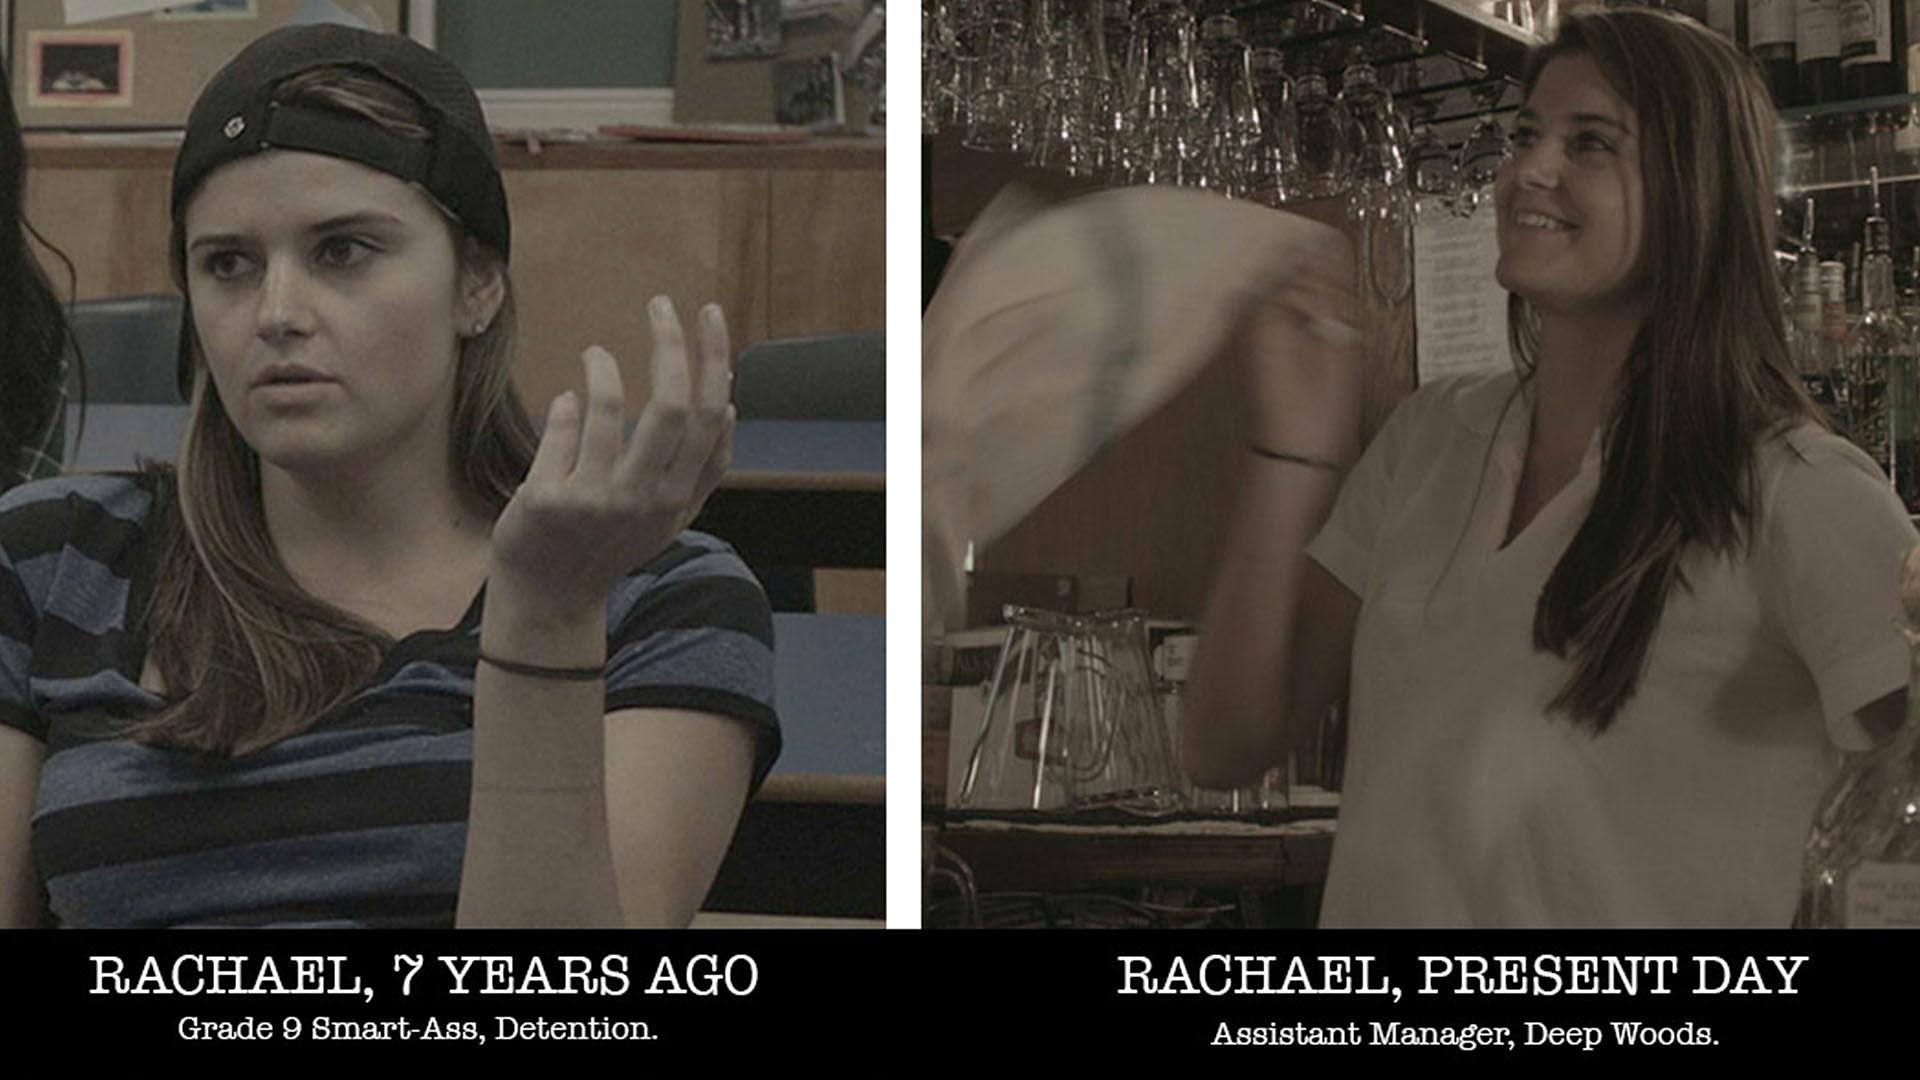 Rachael Callaghan